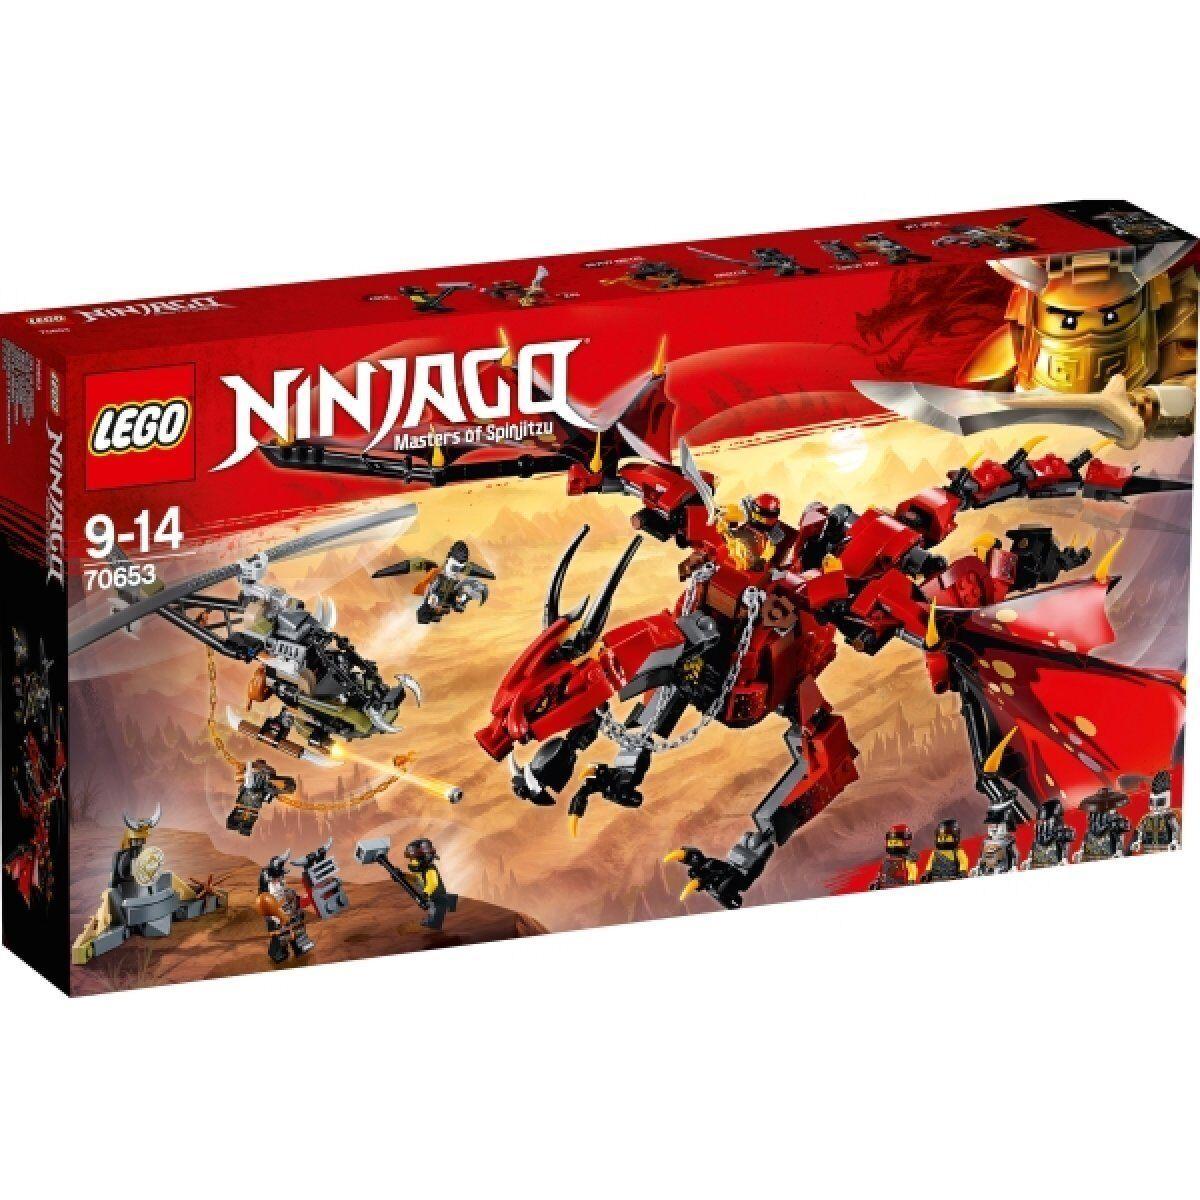 LEGO 70653 NINJAGO Mutter der Drachen NEU OVP